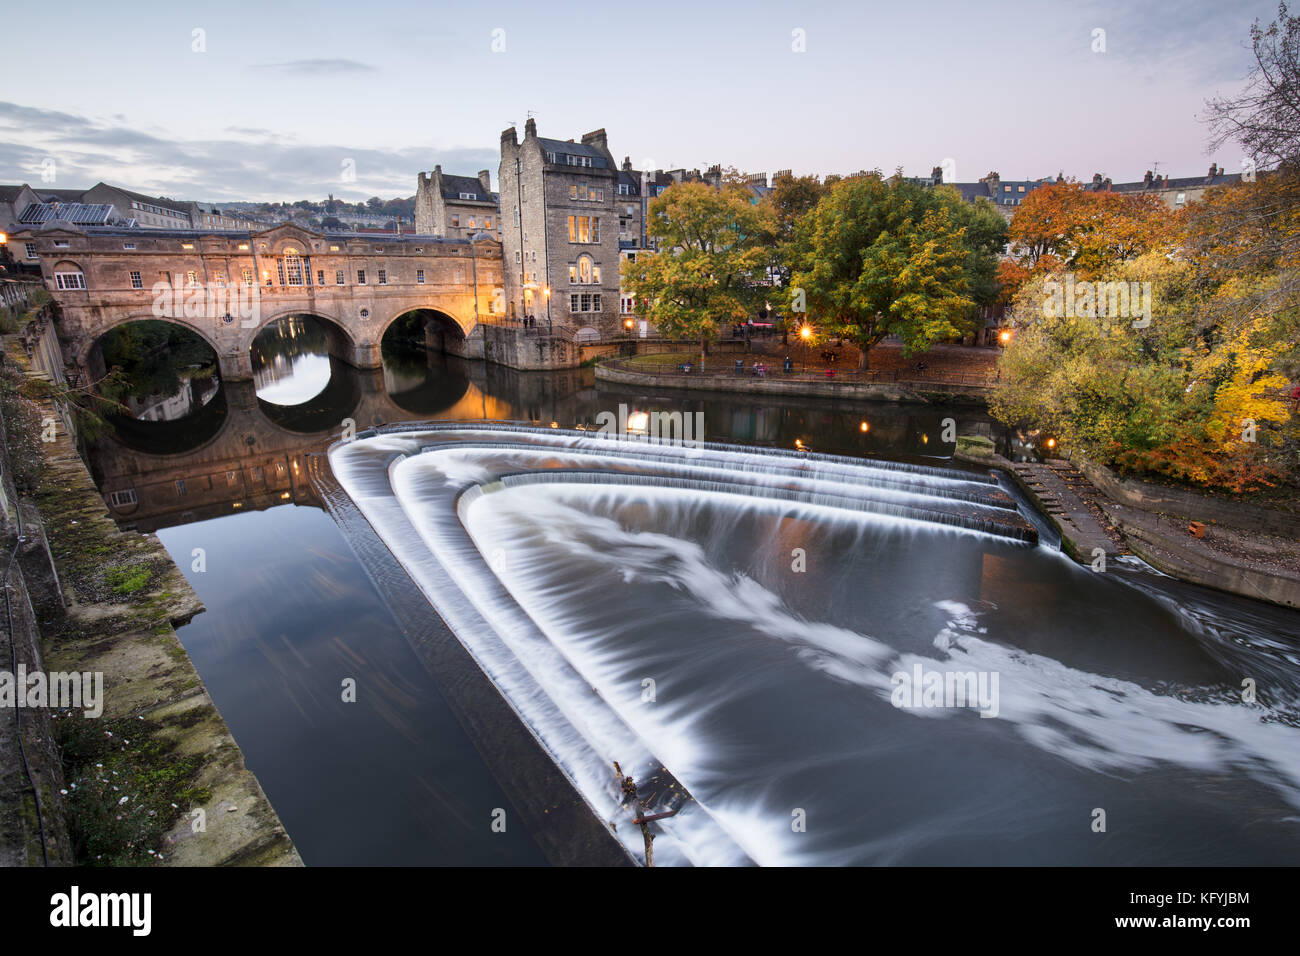 Pulteney Bridge, sur la rivière Avon, d'un point de vue populaire dans la ville de Bath, Angleterre Photo Stock